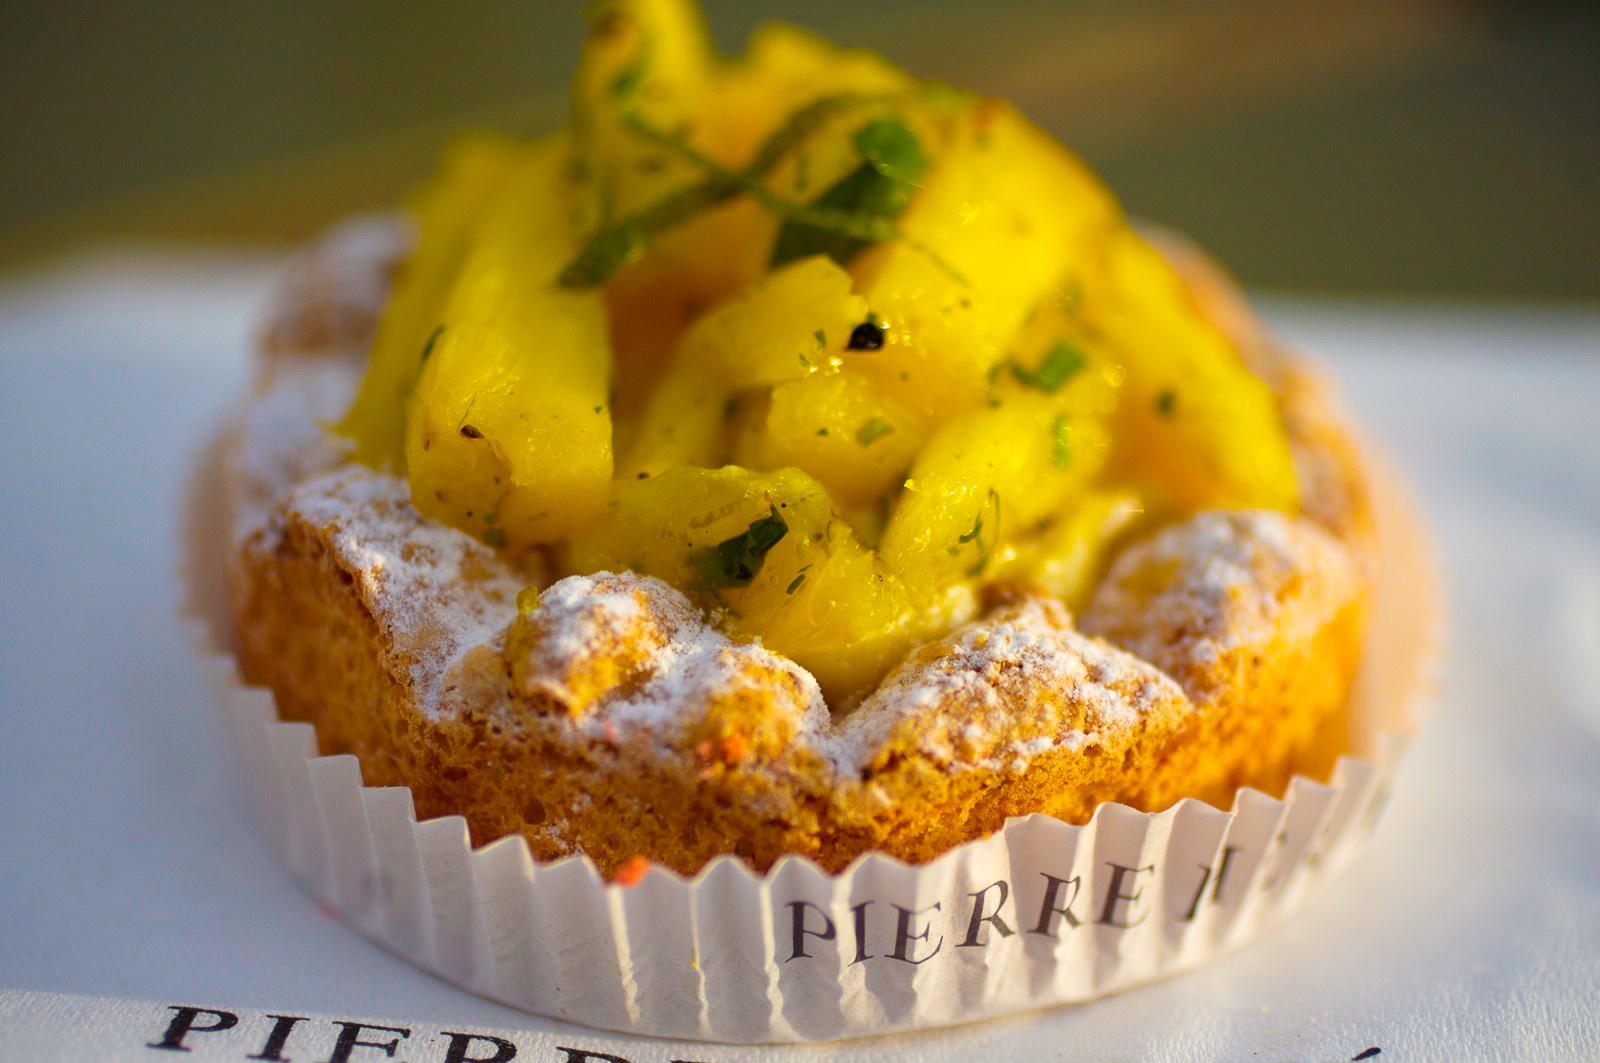 Victoria - biscuit dacquoise aux amandes et à la noix de coco, crème mousseline à la noix de coco, ananas